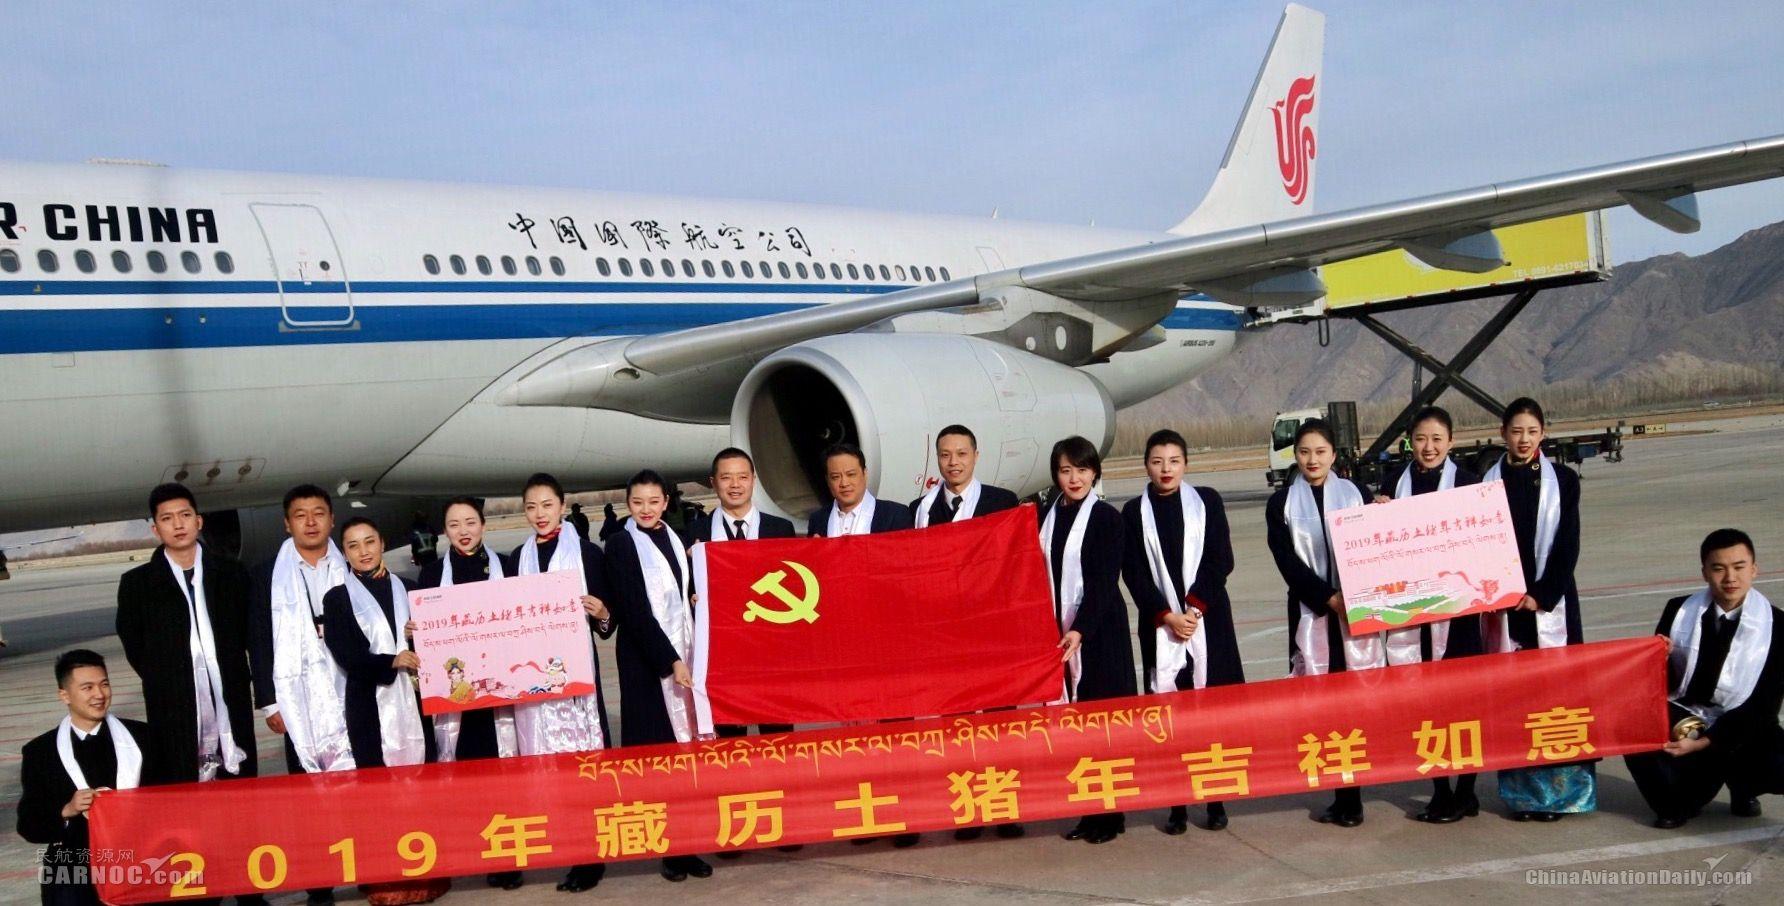 国航西南乘务组与旅客共度吉祥藏历新年